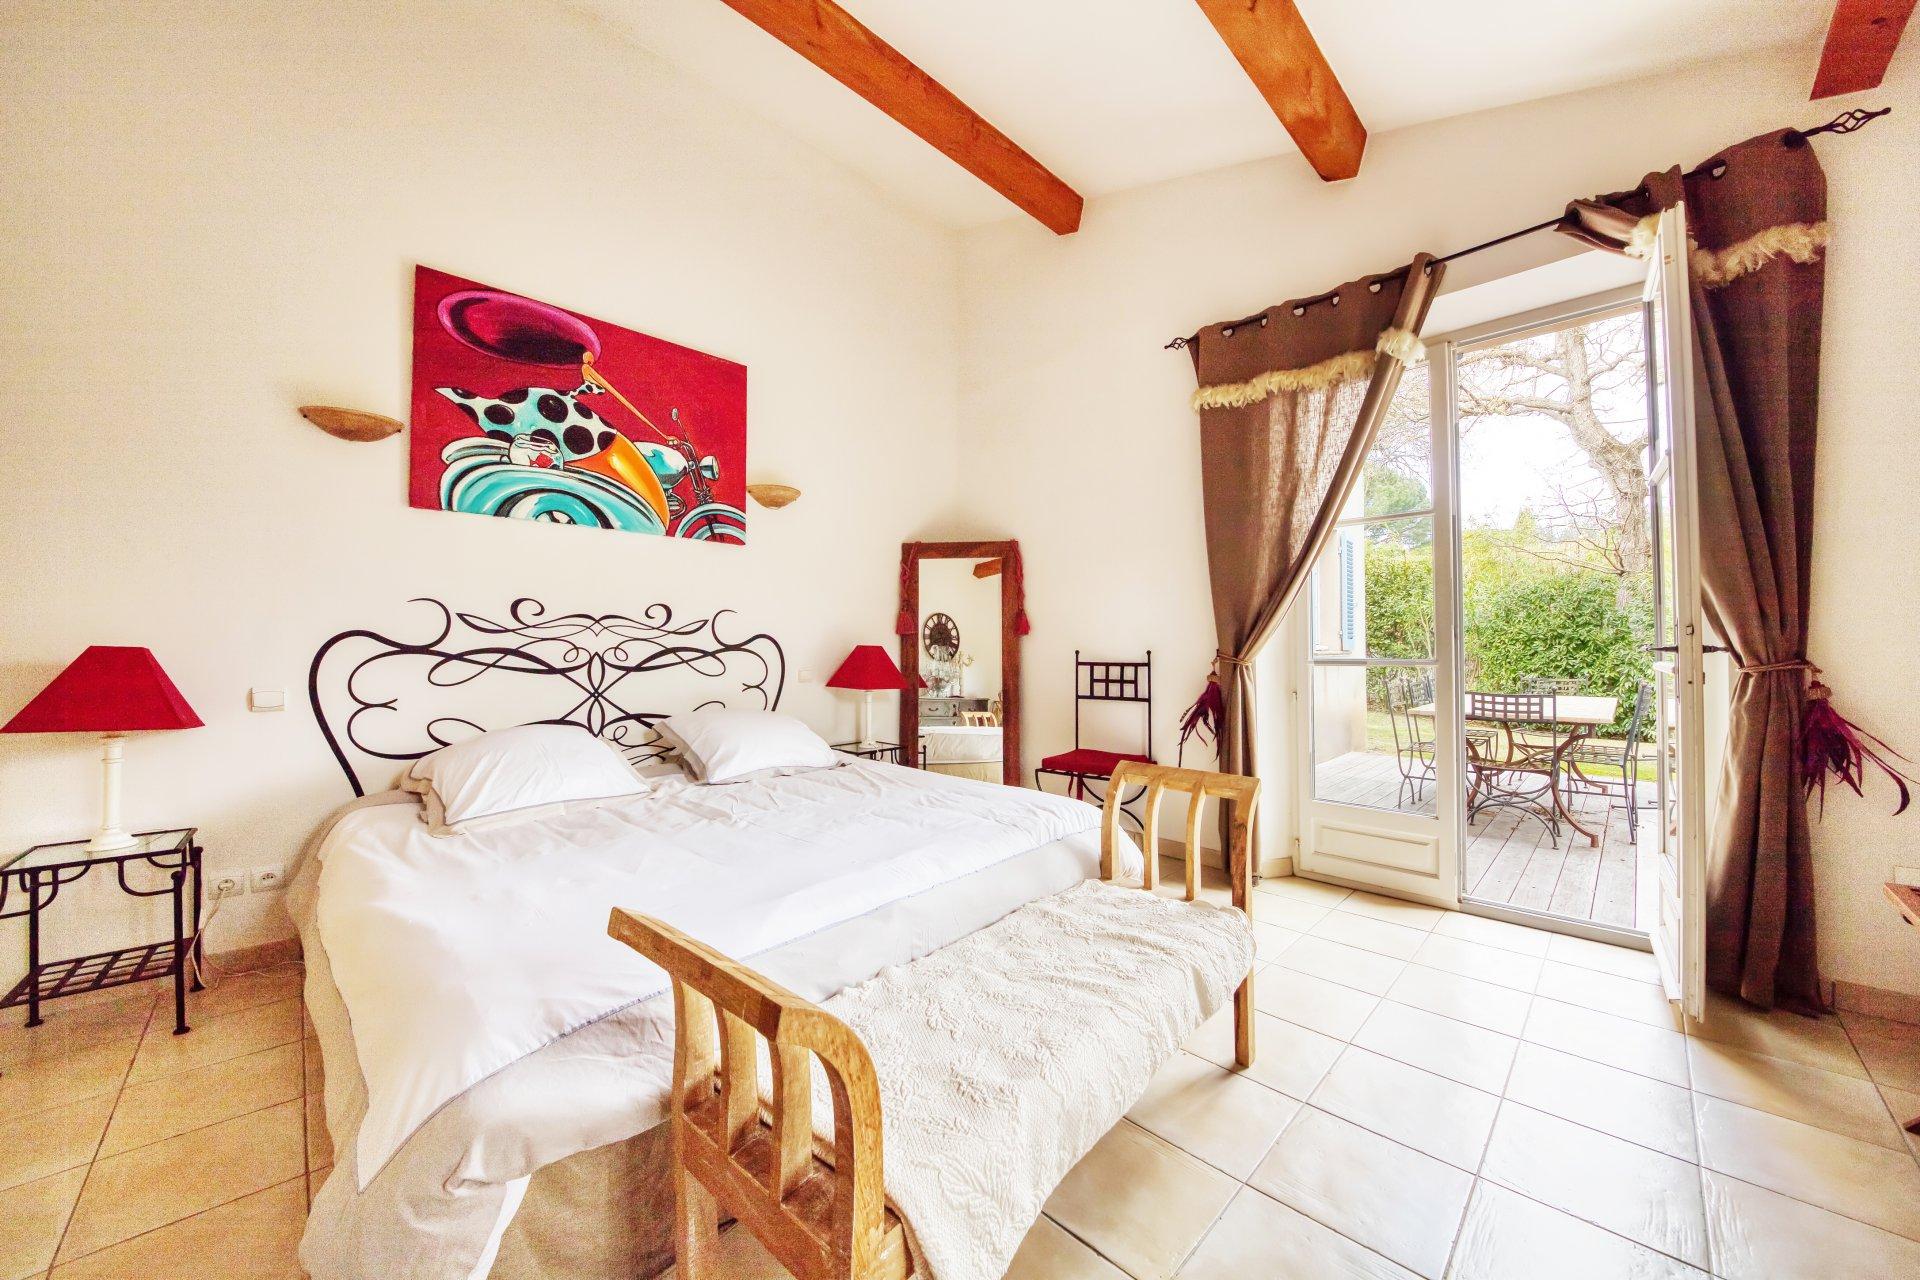 tres-belle-maison-maitre-allures-provencales-a-vendre-garage-piscine-gardien